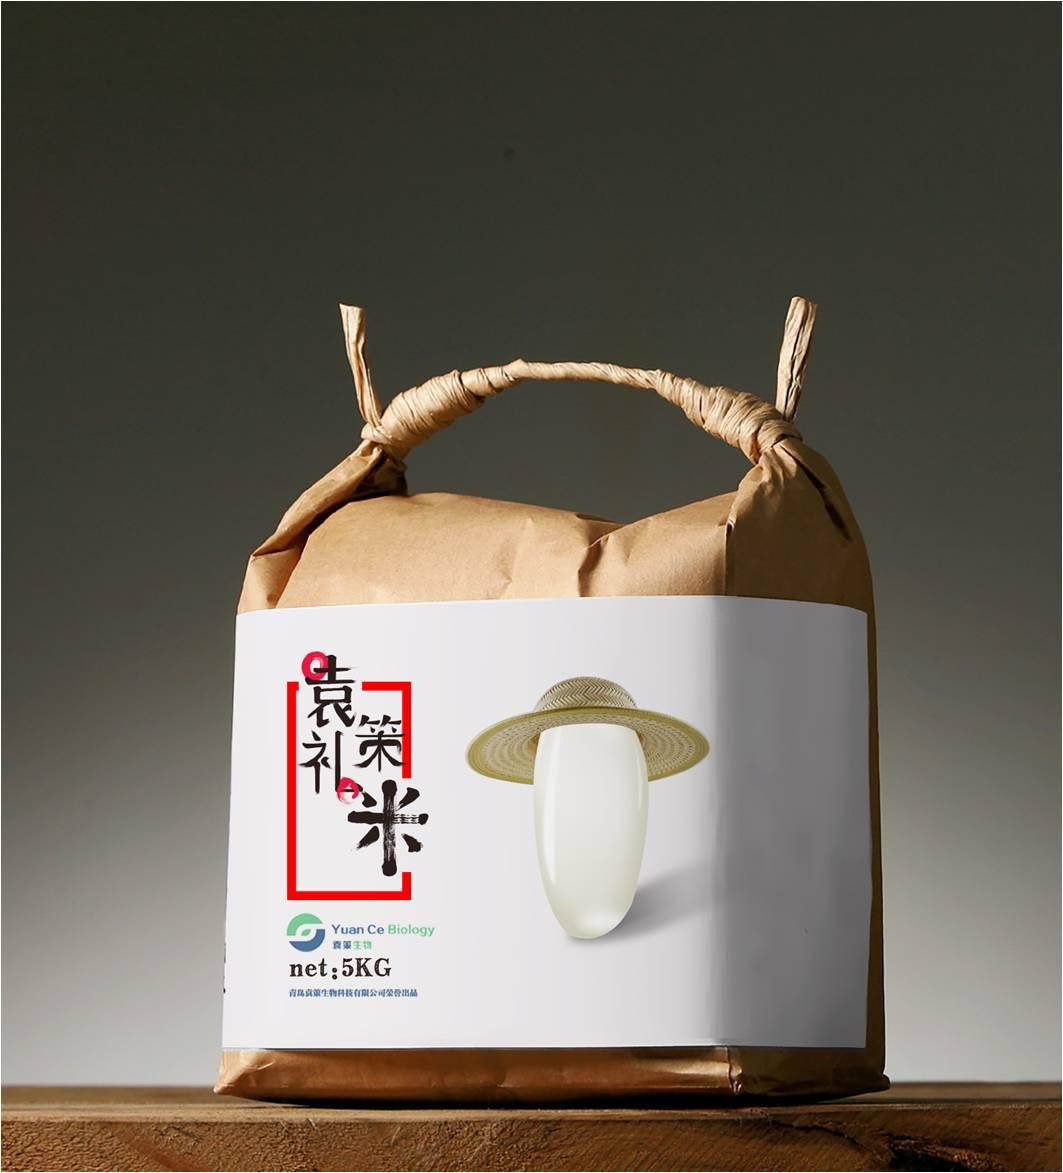 大米包装 大米粥 粥 主食 米饭